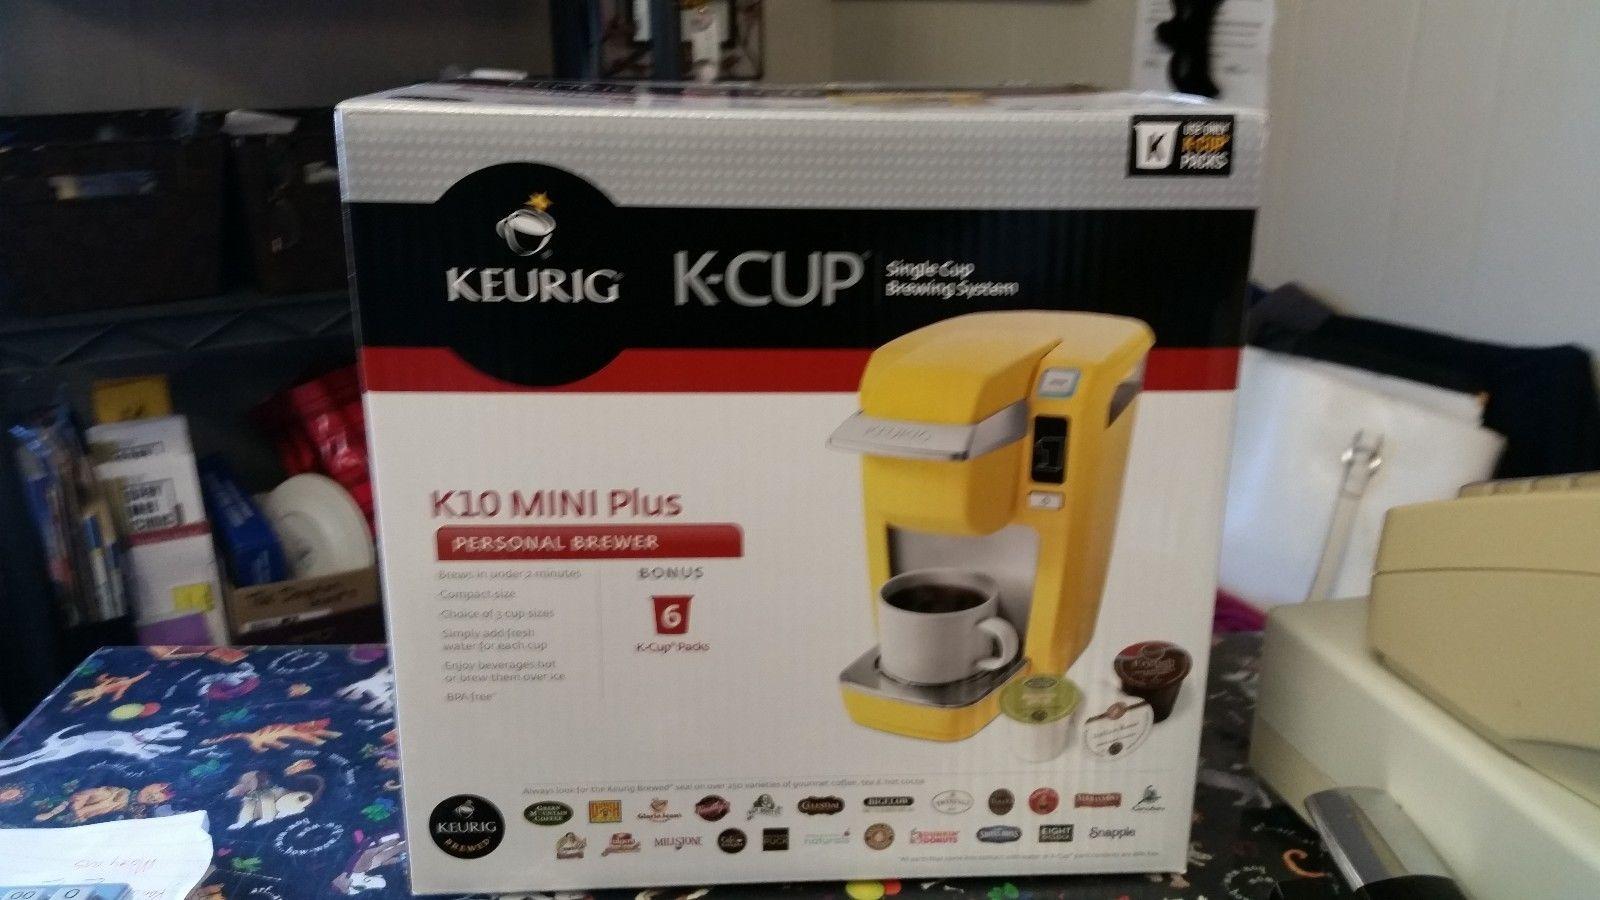 Keurig B31 MINI Plus Coffee Maker - yellow https://t.co/SE6oW7PFlx https://t.co/nwXh9rYWzs